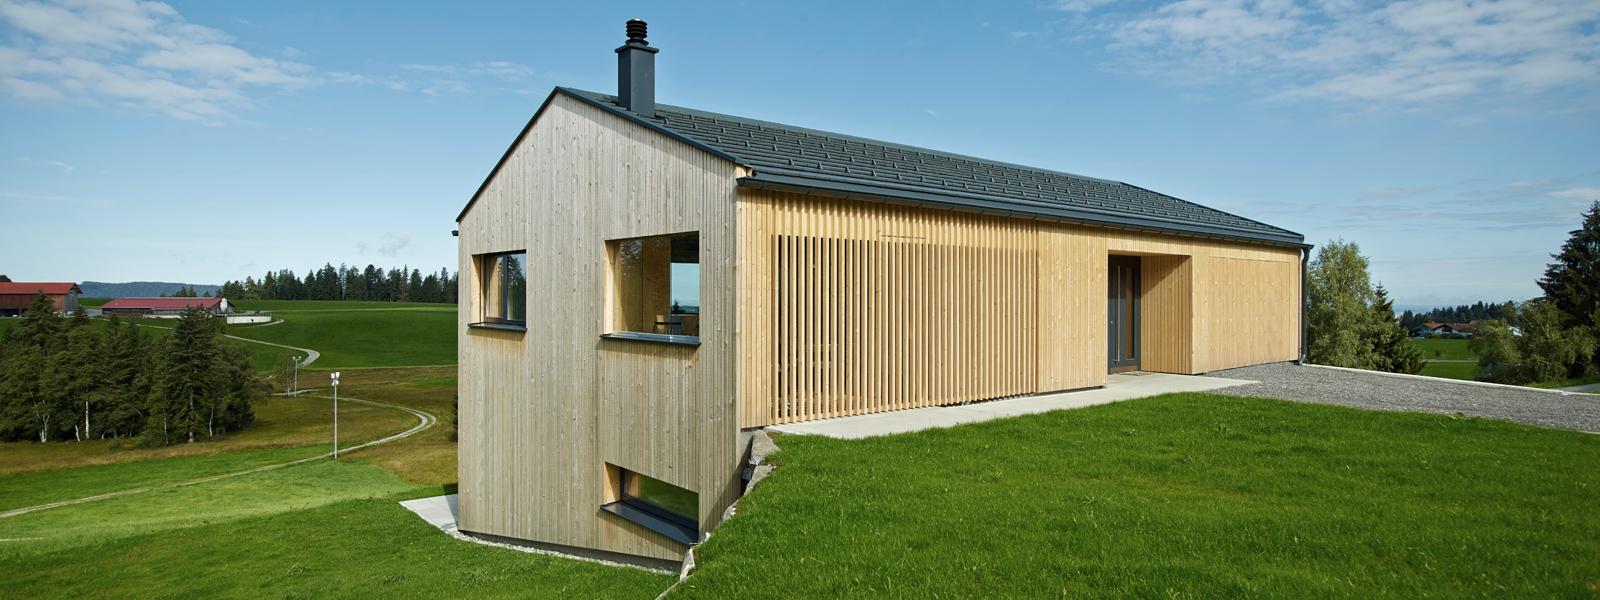 Fertighaus holz österreich  ALPINA Haus: Individuelle Holzhäuser aus Österreich : Alpina Haus